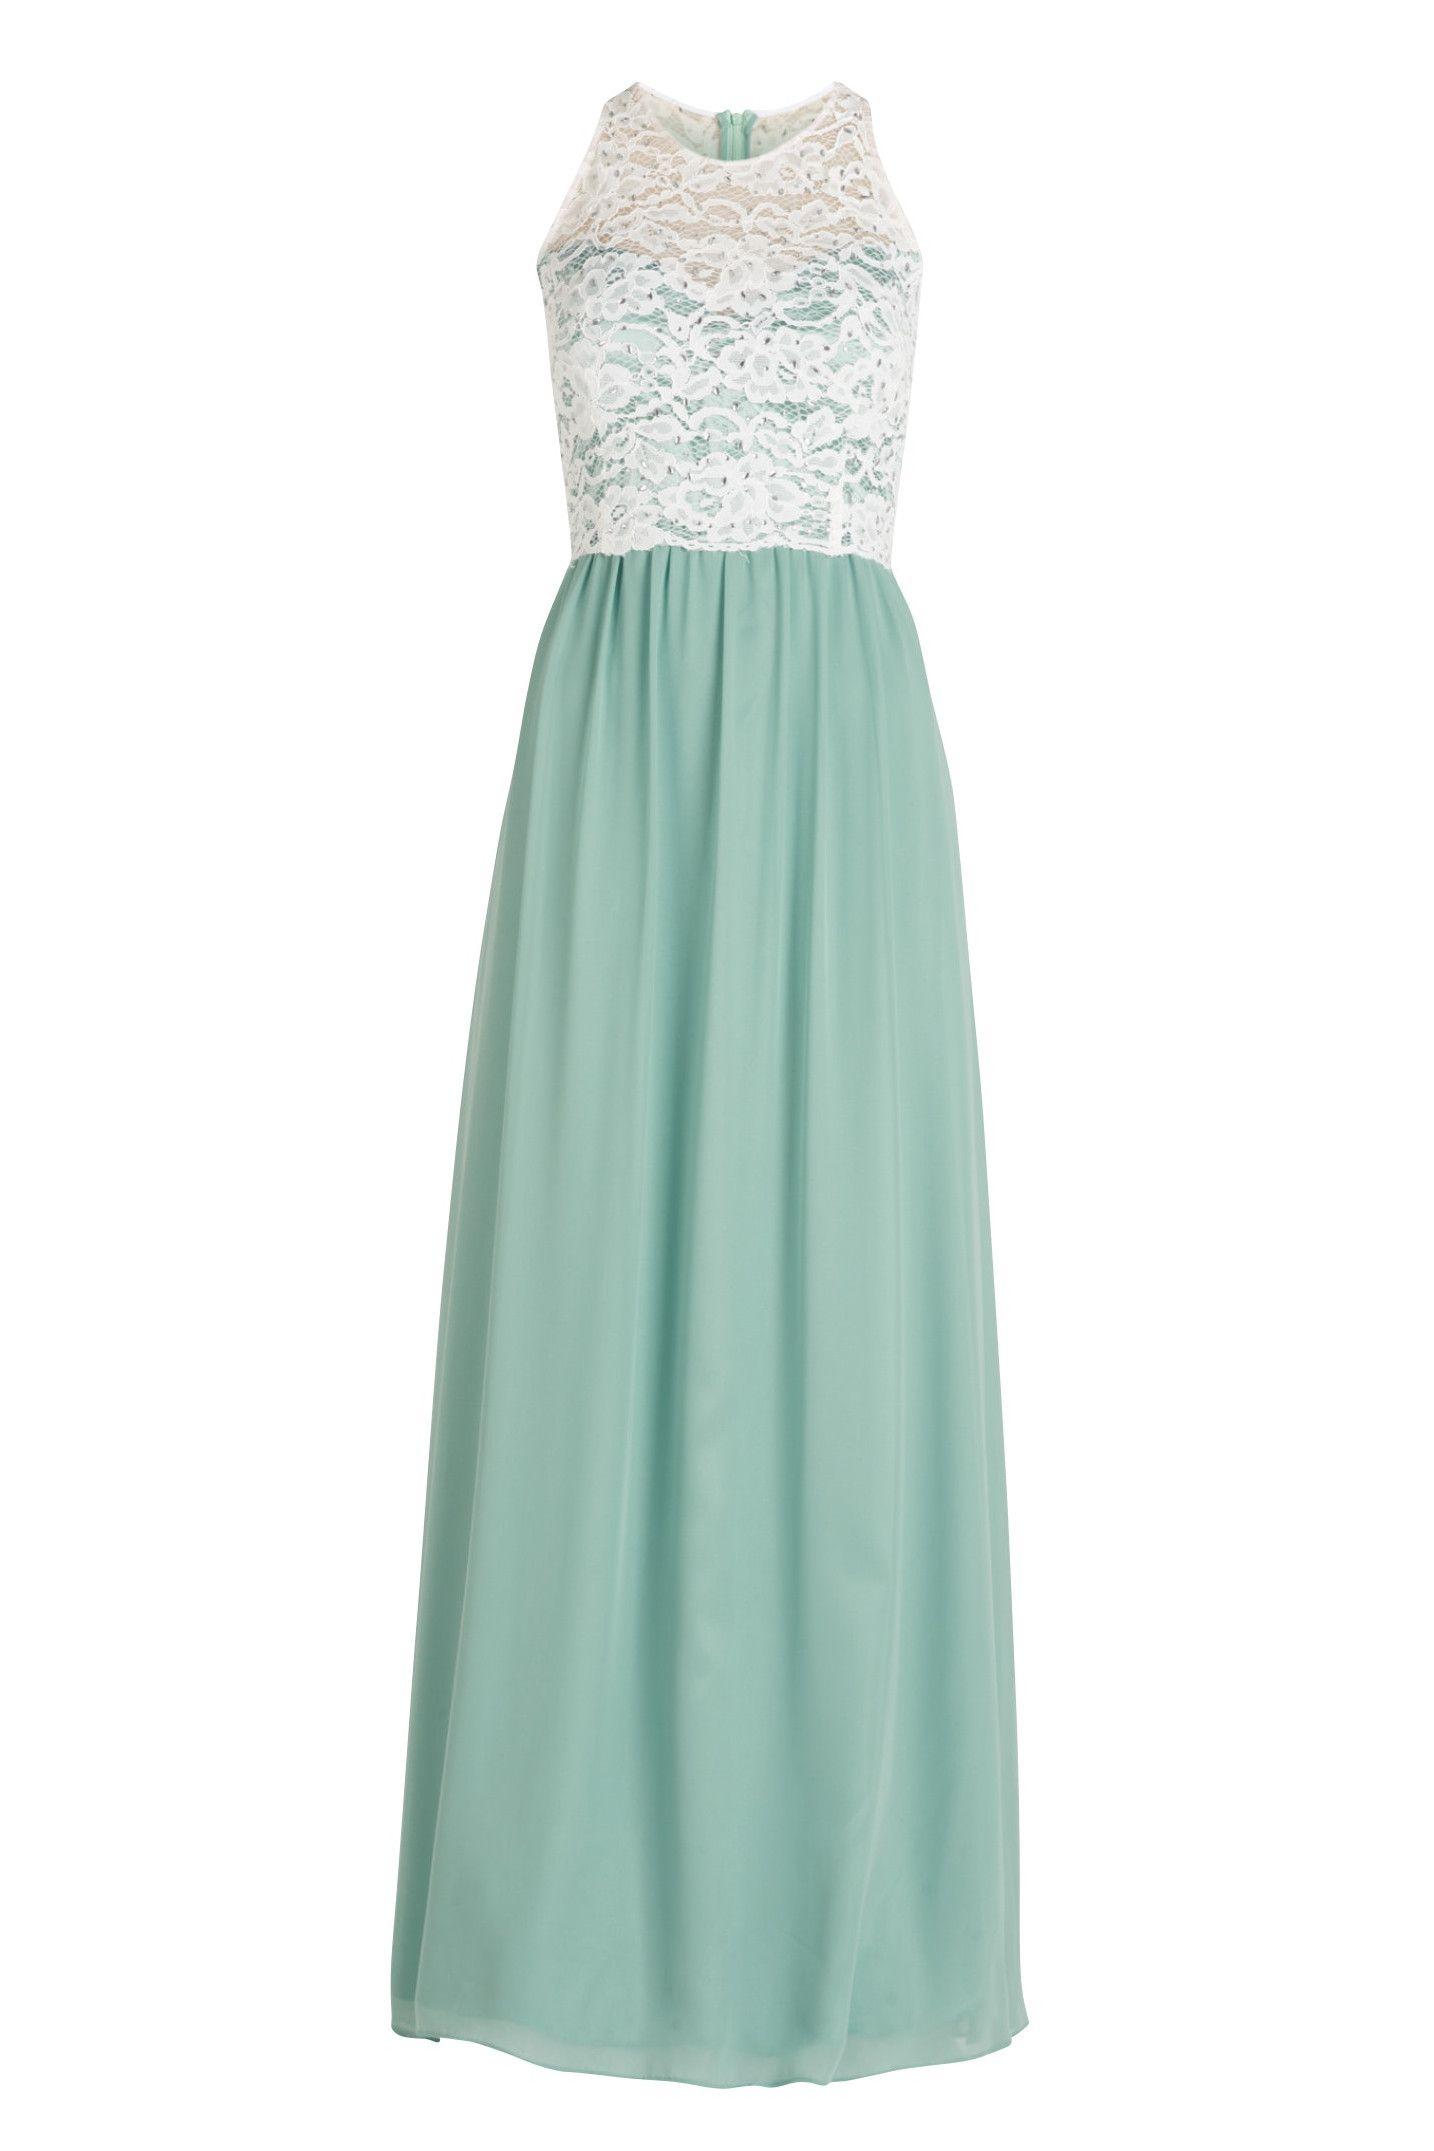 Mintgrünes Chiffonkleid mit Spitze in Ivory  Abendkleid, Kleider